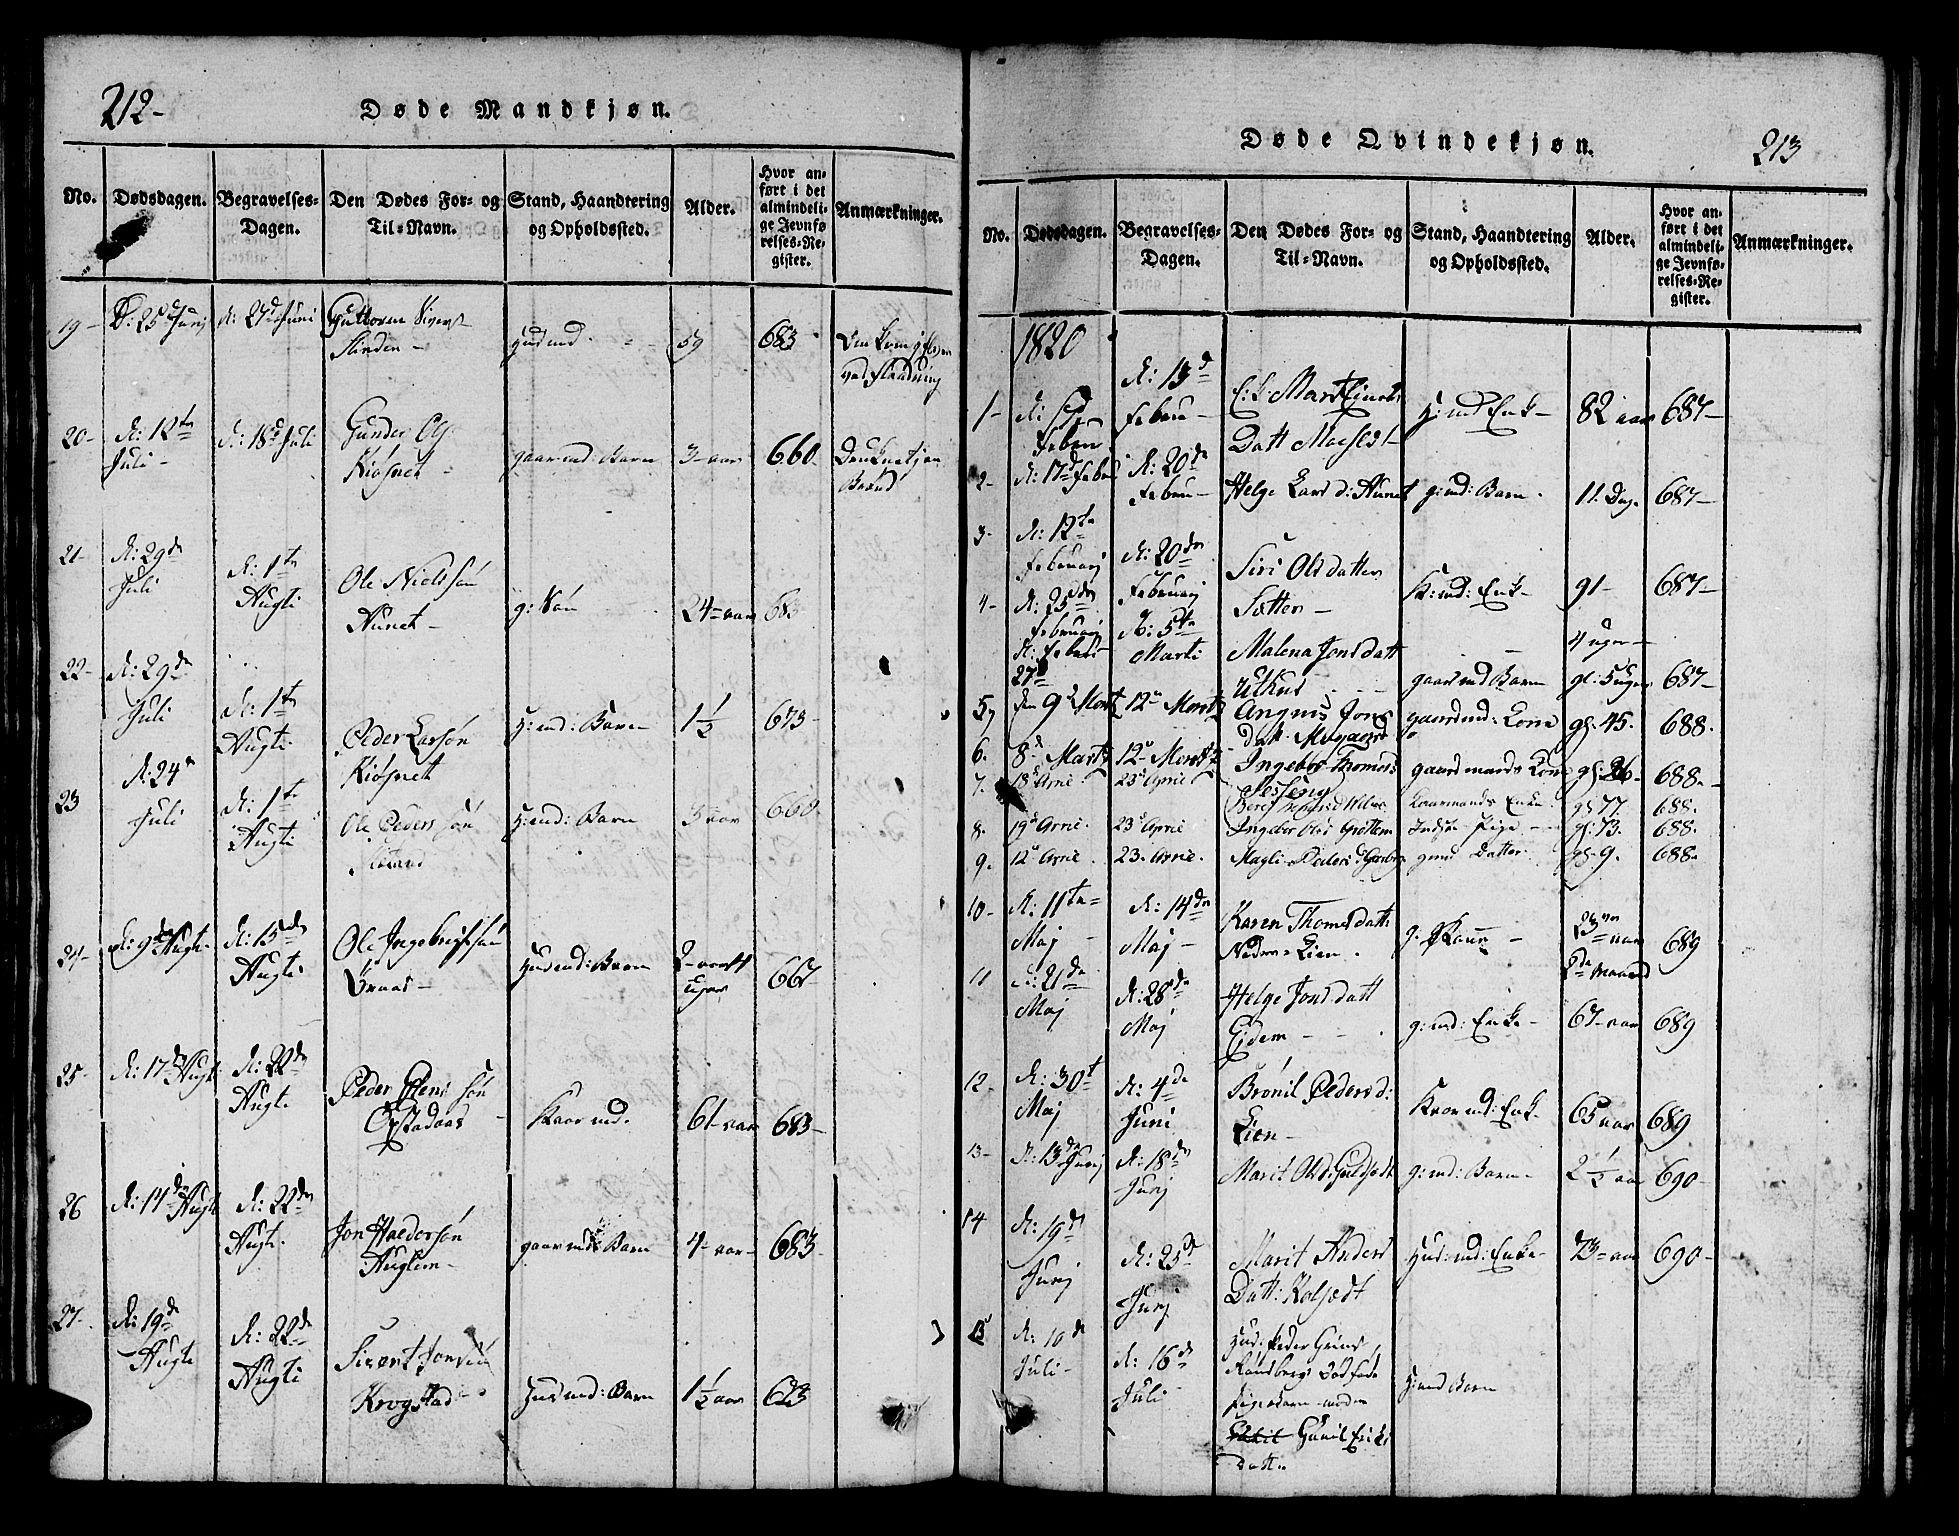 SAT, Ministerialprotokoller, klokkerbøker og fødselsregistre - Sør-Trøndelag, 695/L1152: Klokkerbok nr. 695C03, 1816-1831, s. 212-213